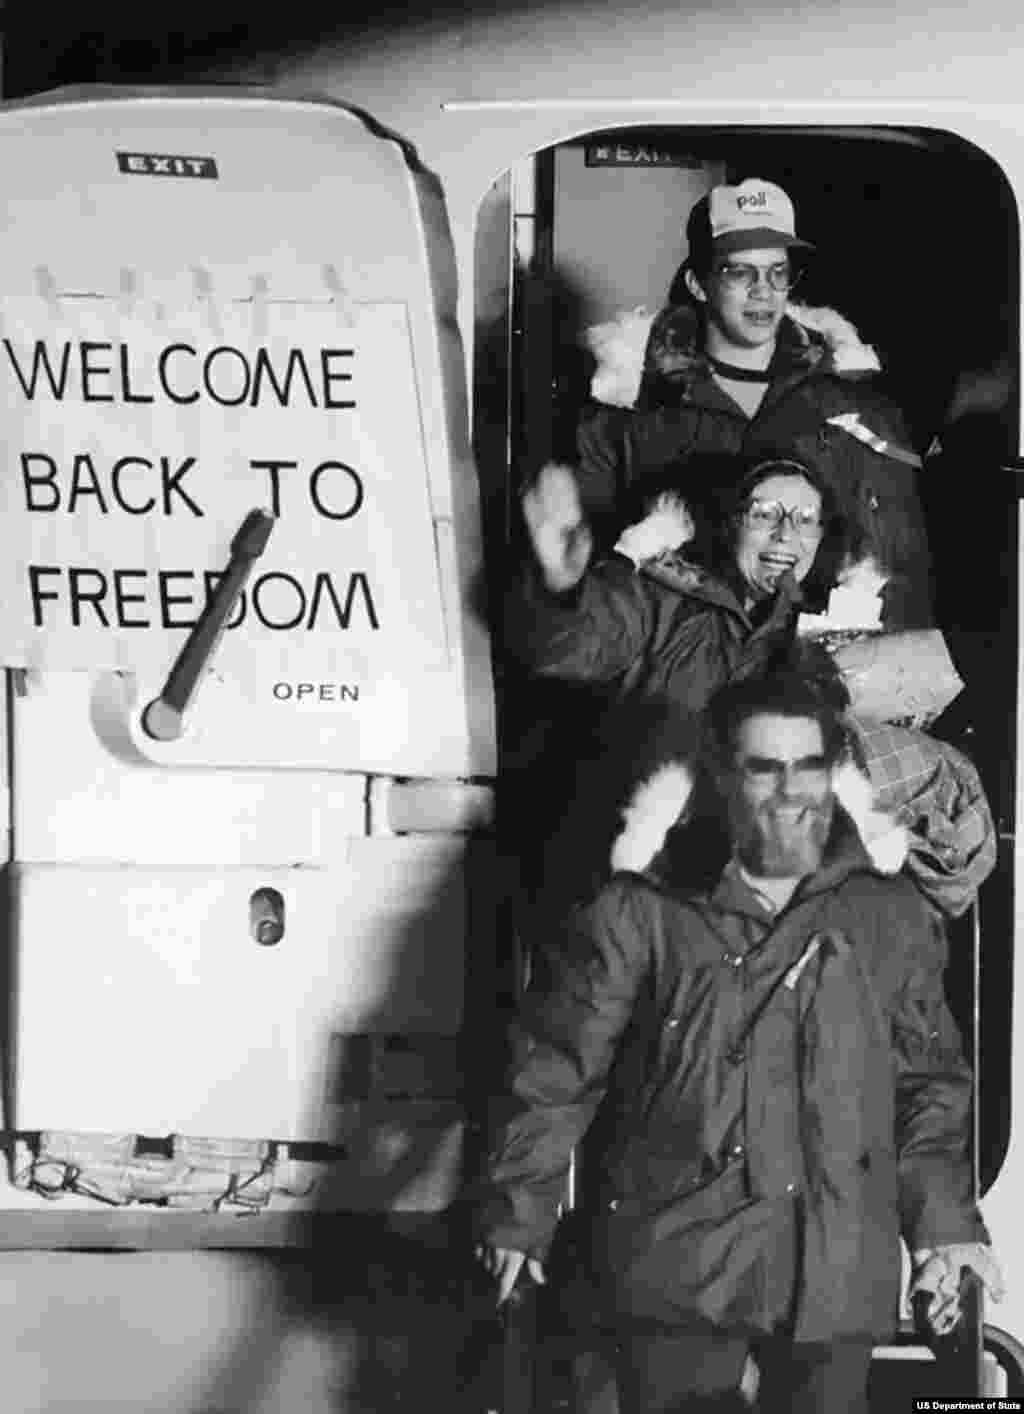 20 січня 1981 року американських заручників в результаті тривалих переговорів за посередництва Алжиру відпустили і привезли на базу в Вісбаден. Їх звільнили через кілька хвилин після того, як Рональд Рейган прийняв присягу на посаду президента США. 14 осіб були звільнені за 1980 рік, один за медичними показаннями